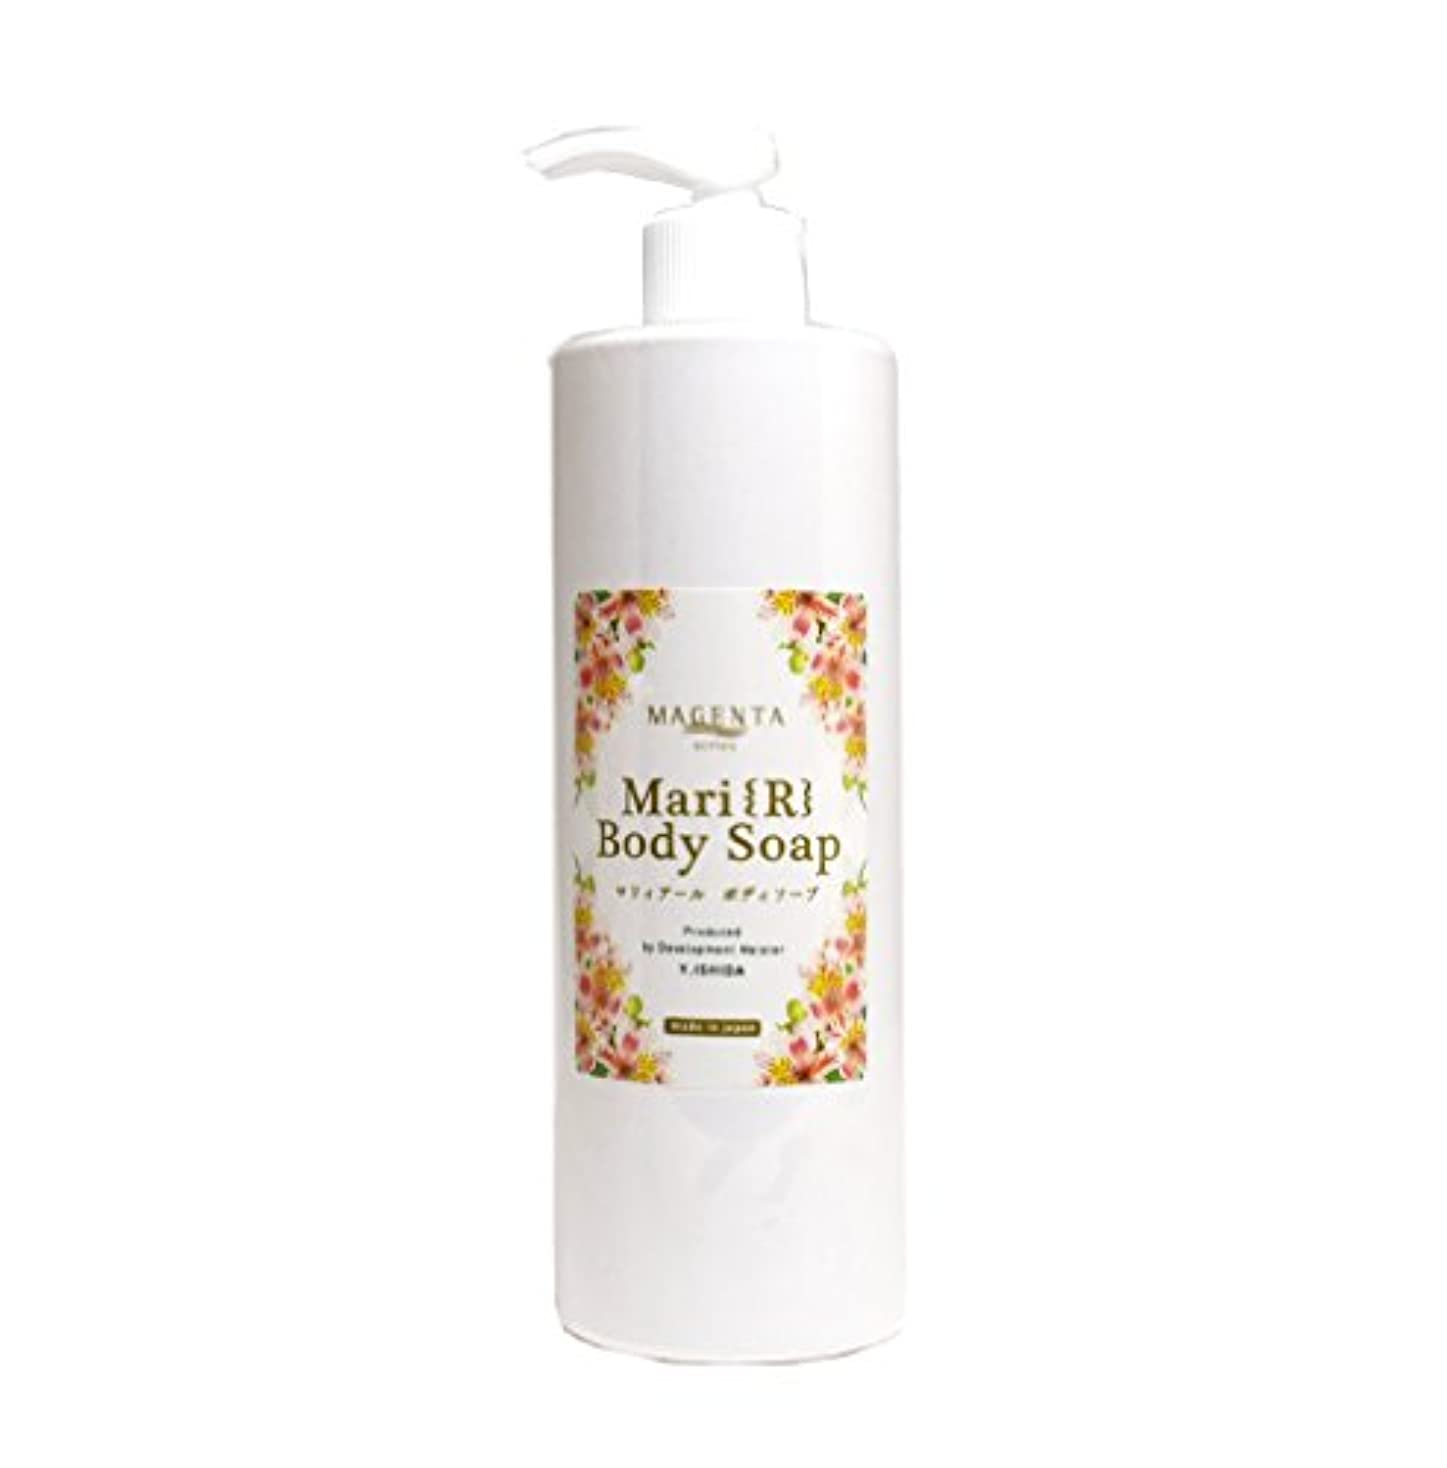 嘆願活力奨学金MAGENTA Mari R Body Soap 400ml マジェンタ マリイアール ボディソープ 日本製